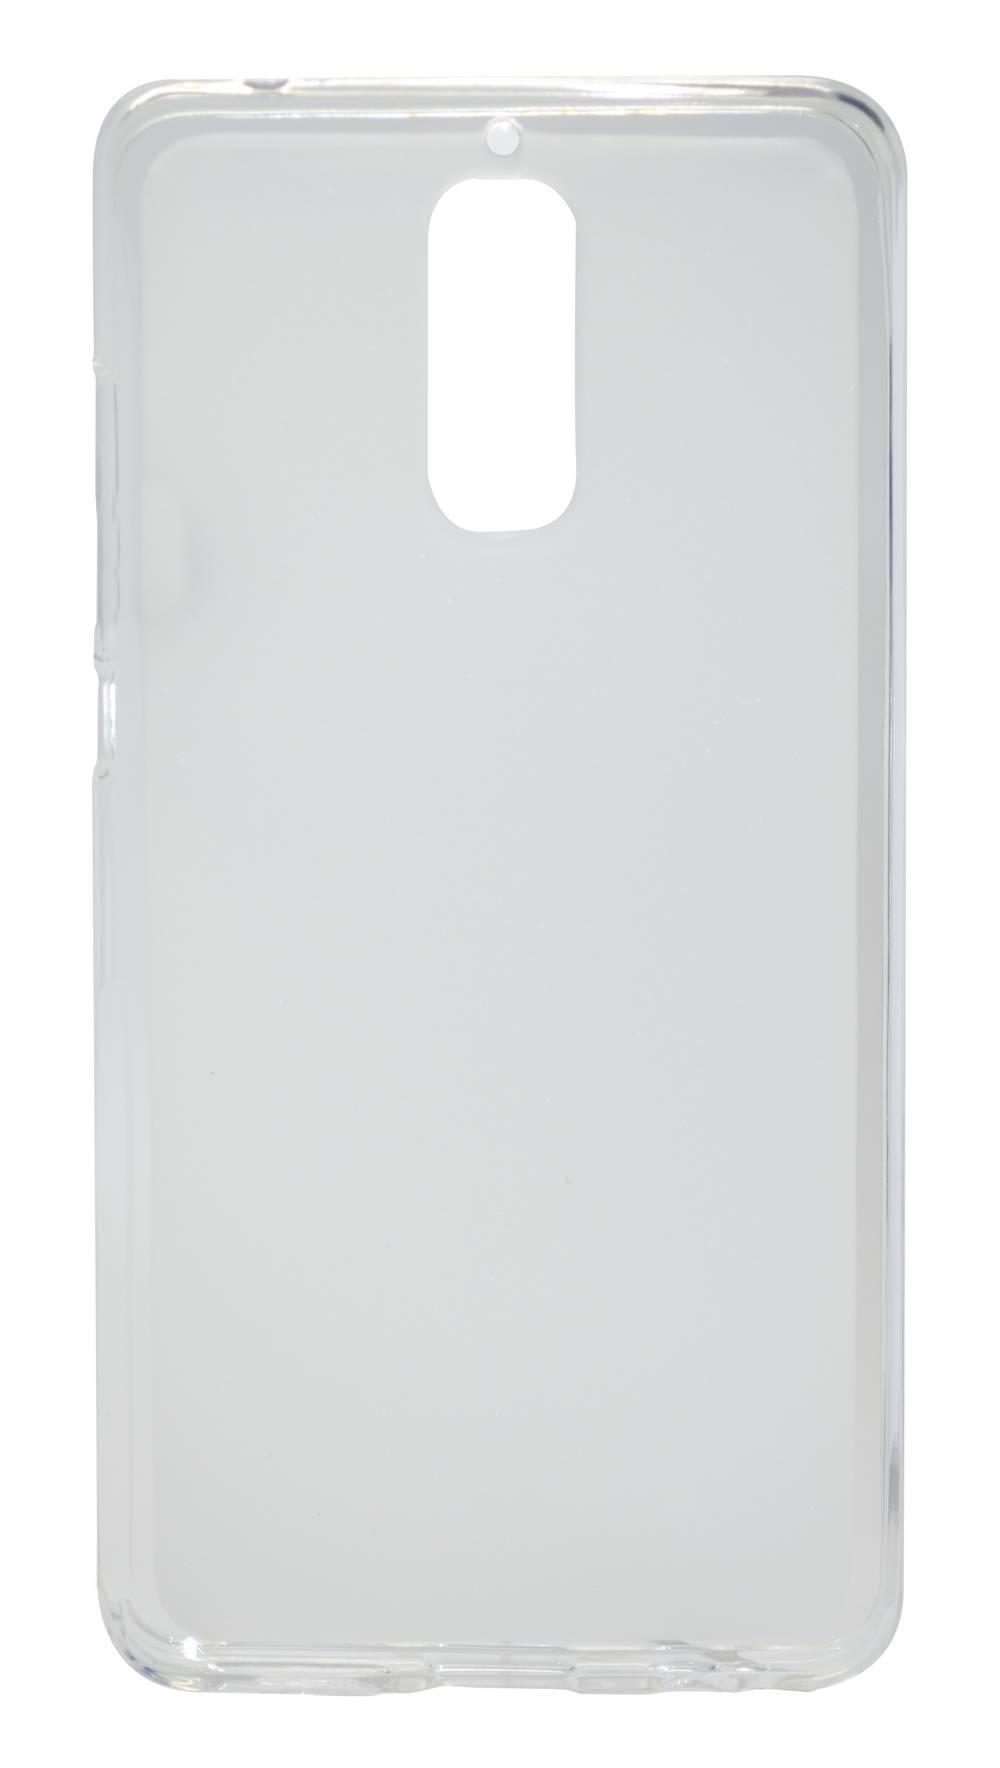 Θήκη TPU Ancus για Huawei Mate 9 Pro Frost - Διάφανη